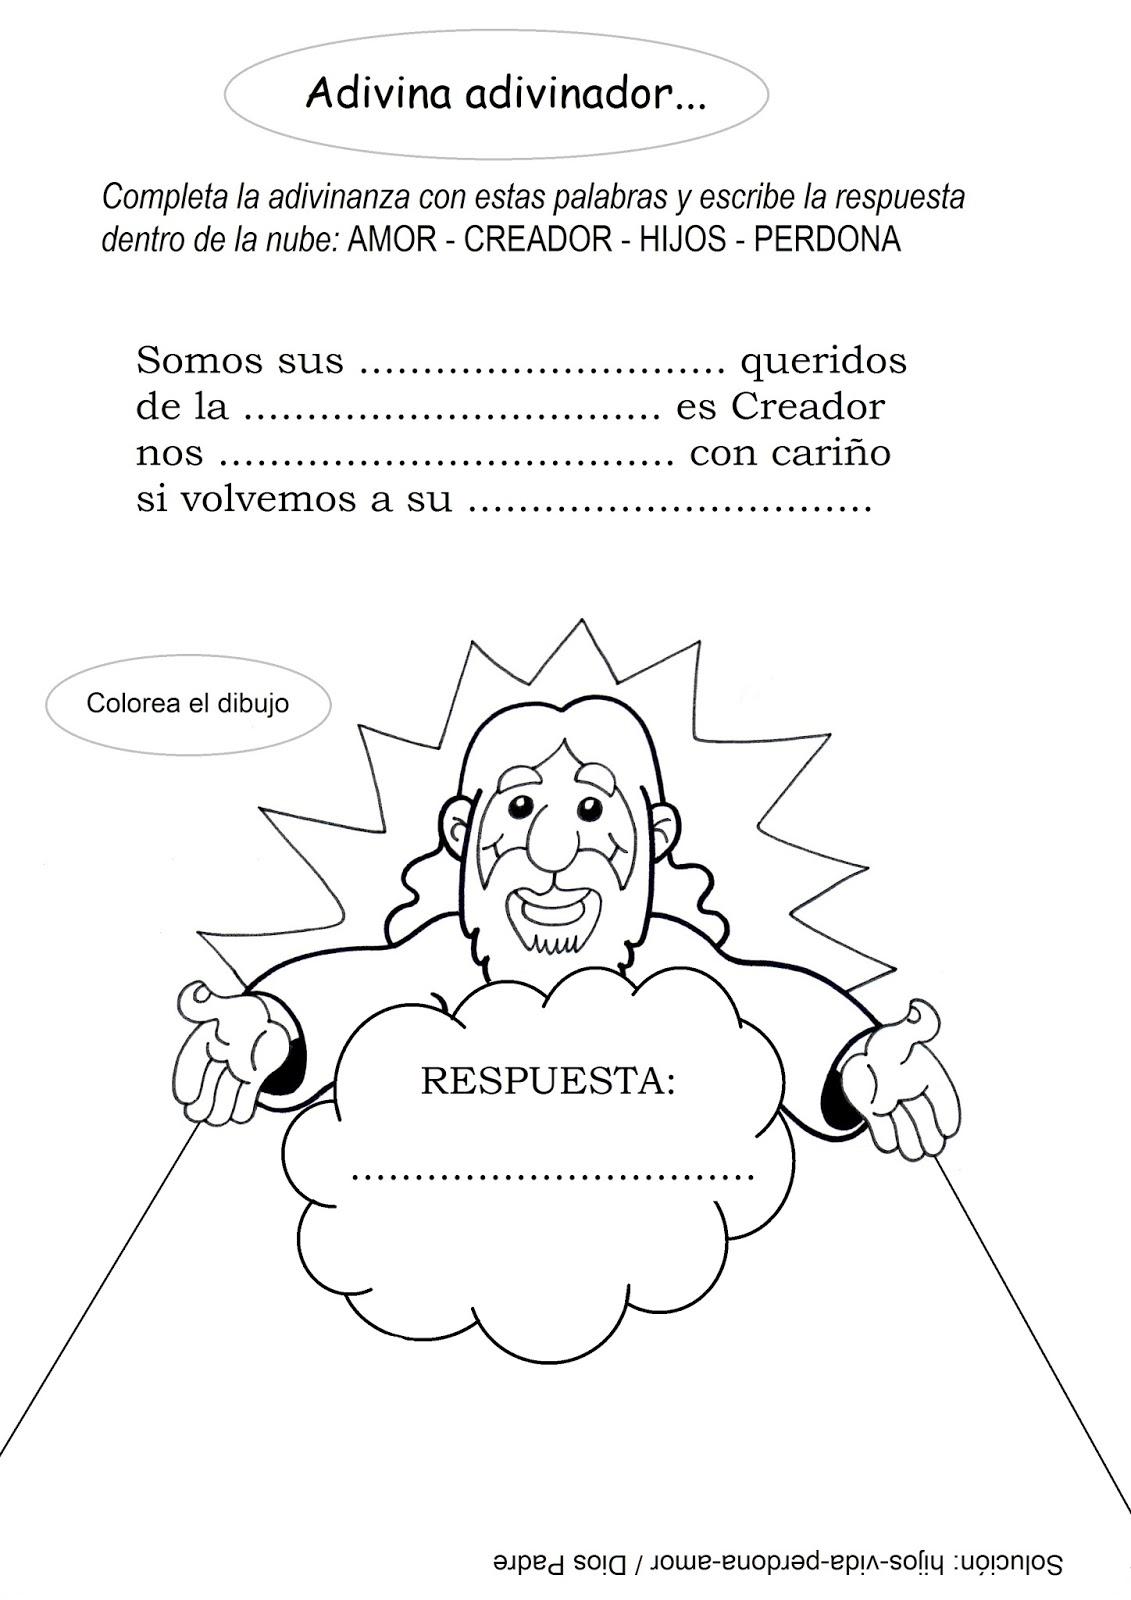 La Catequesis El Blog De Sandra Recursos Catequesis Dios